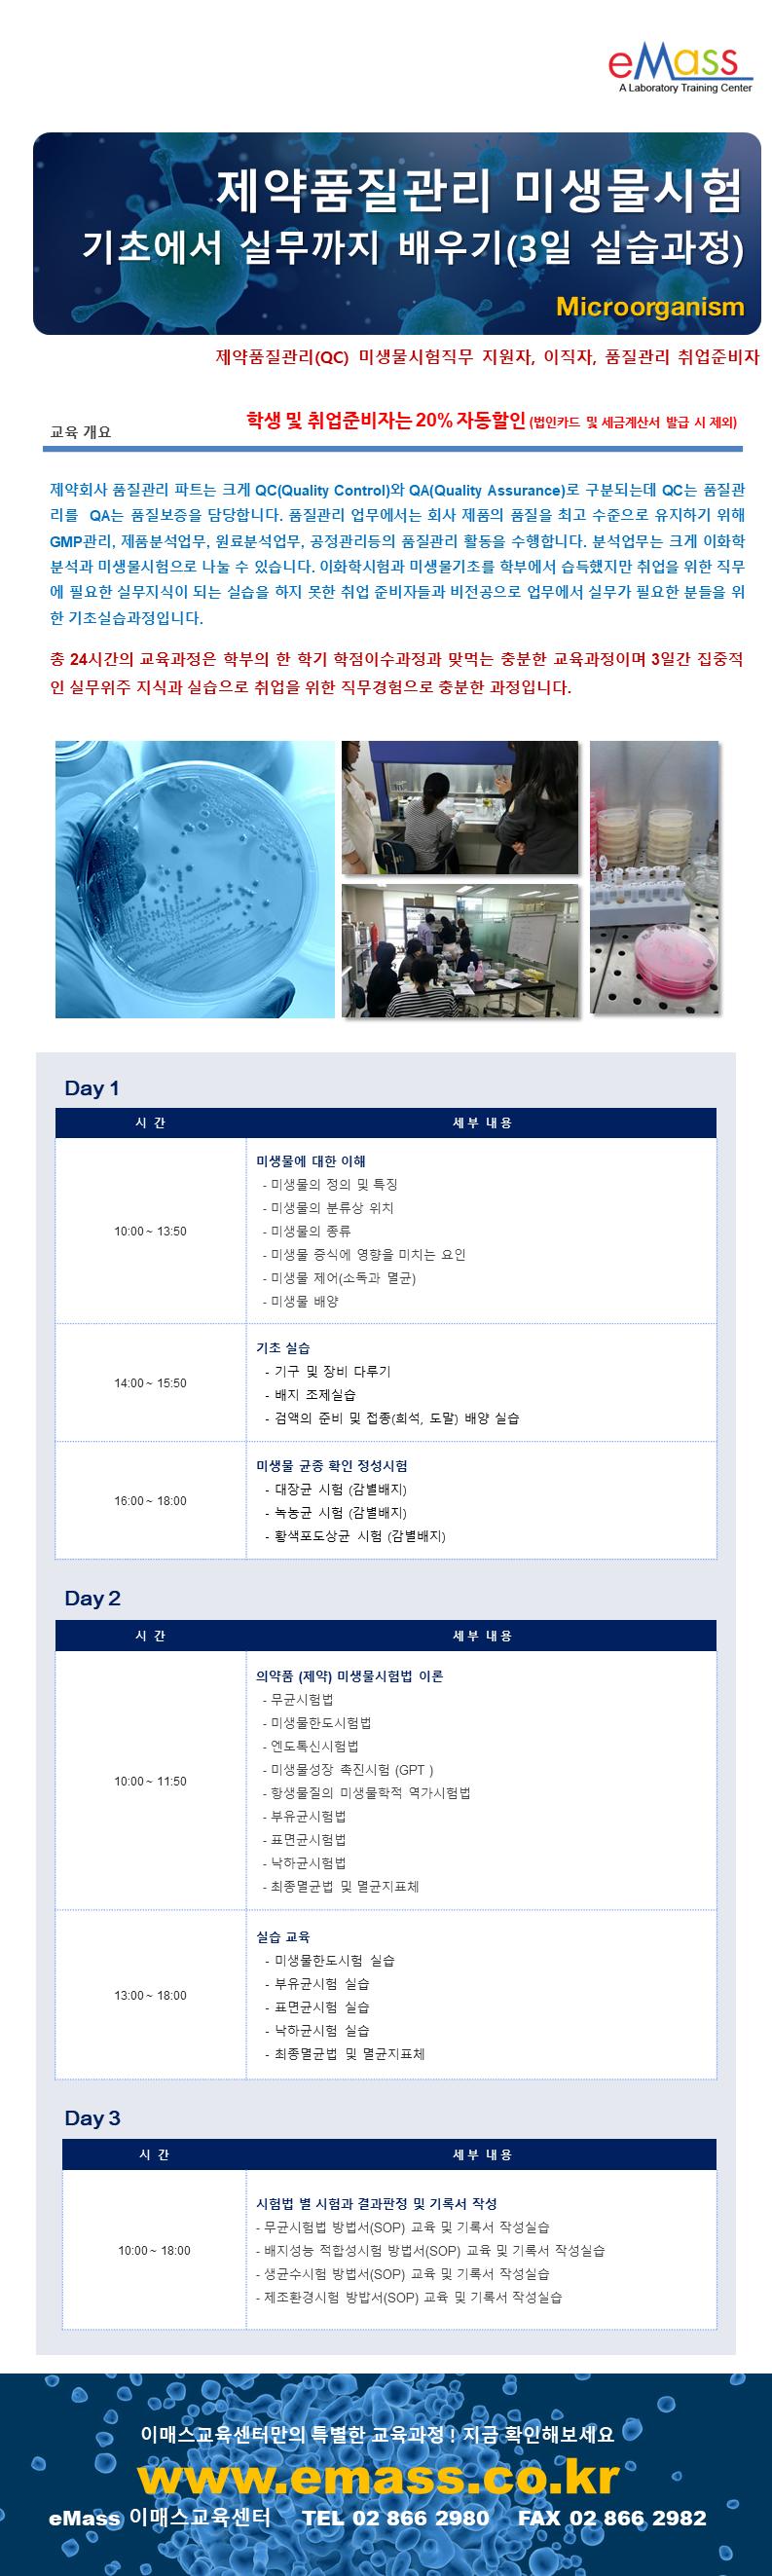 2월 25일~27일_제약품질관리 미생물시험 기초실습.png